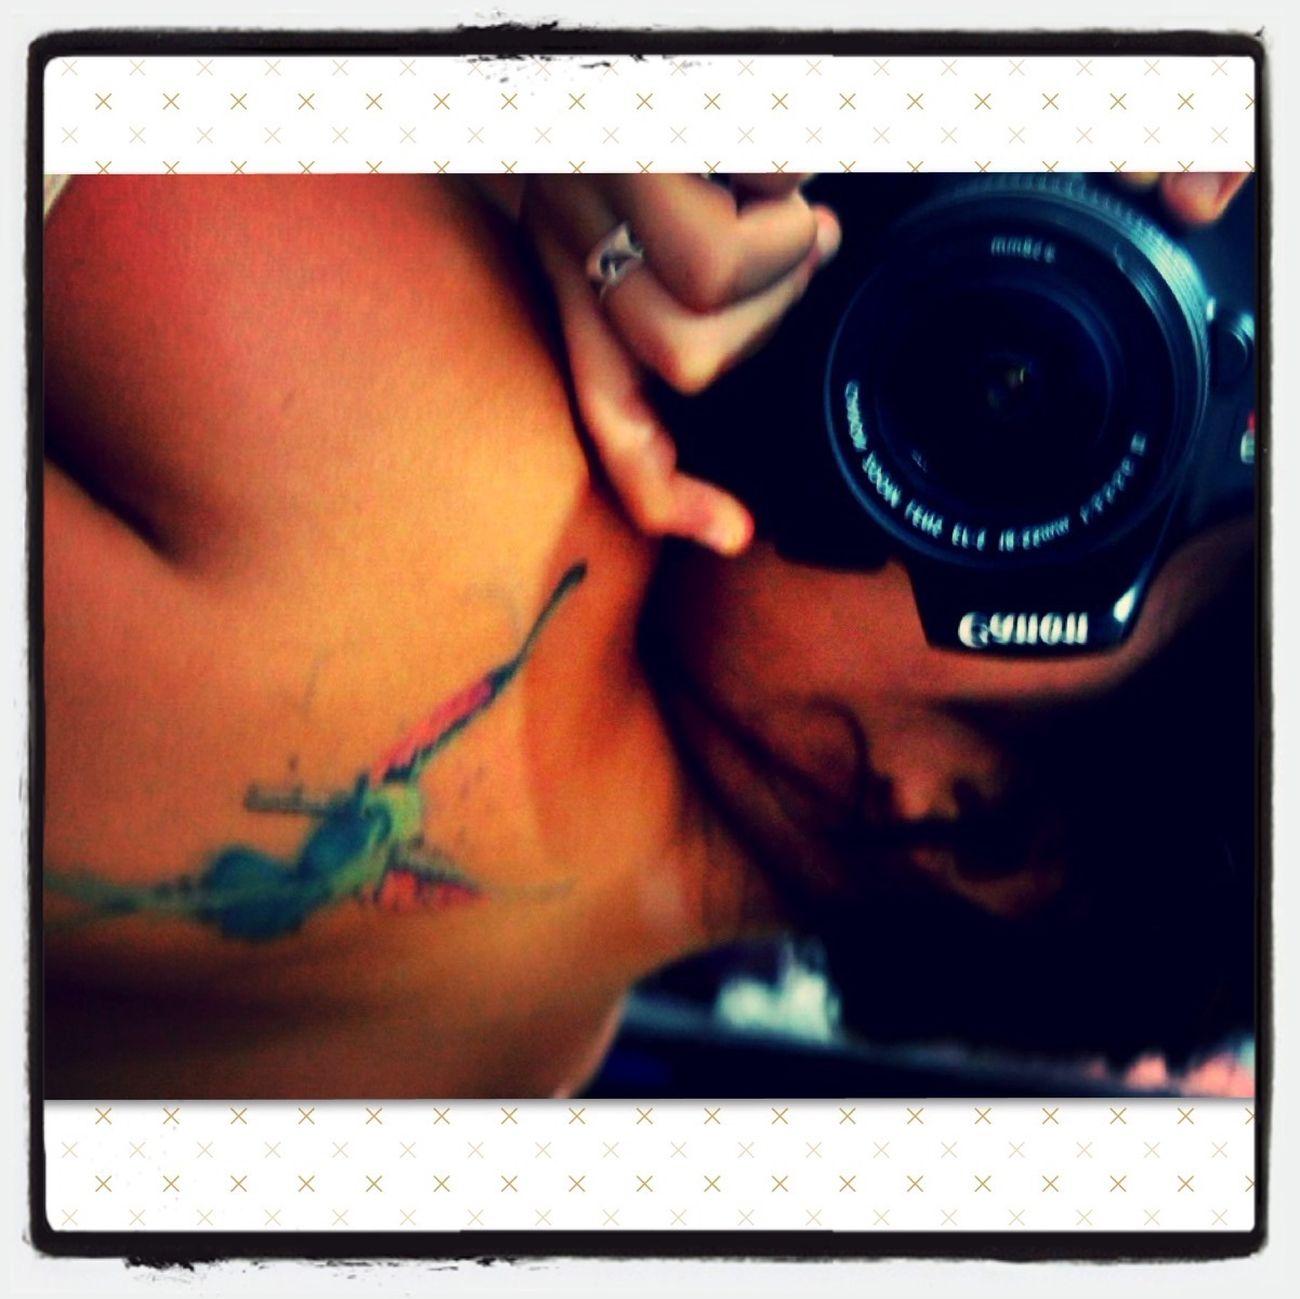 Tattoo Canon EOS Rebel T3